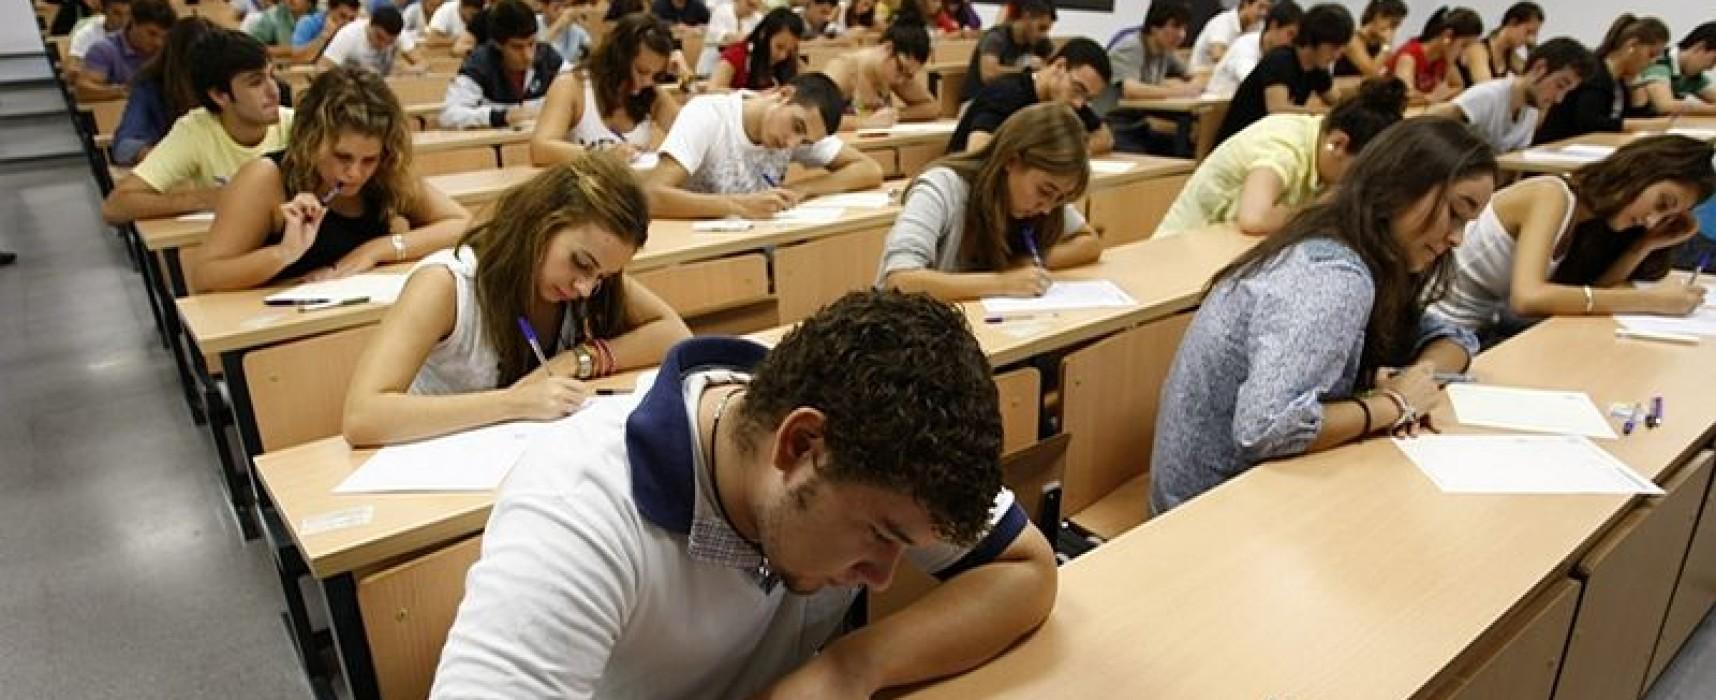 Как учеба в институте входит в трудовой стаж?